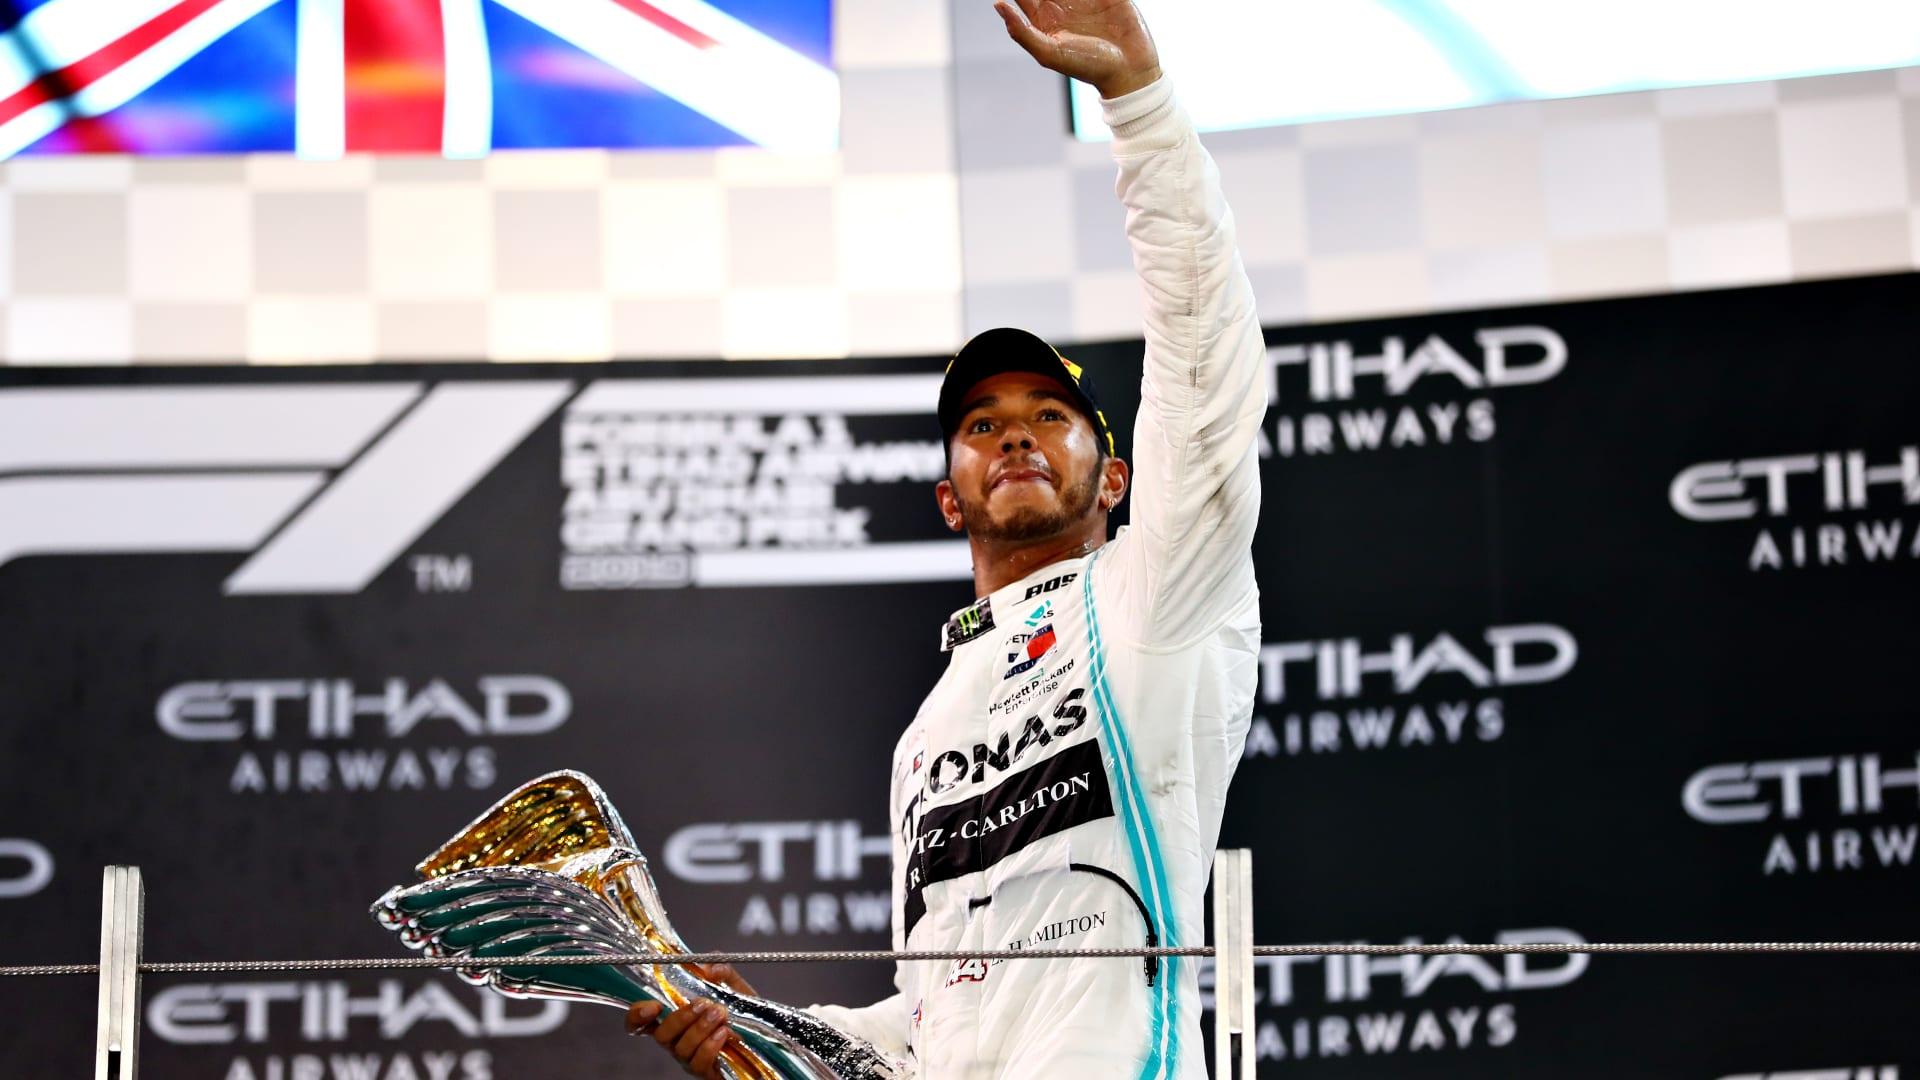 البريطاني لويس هاملتون يفوز بالجولة الأخيرة لفورمولا 1 بسباق أبوظبي